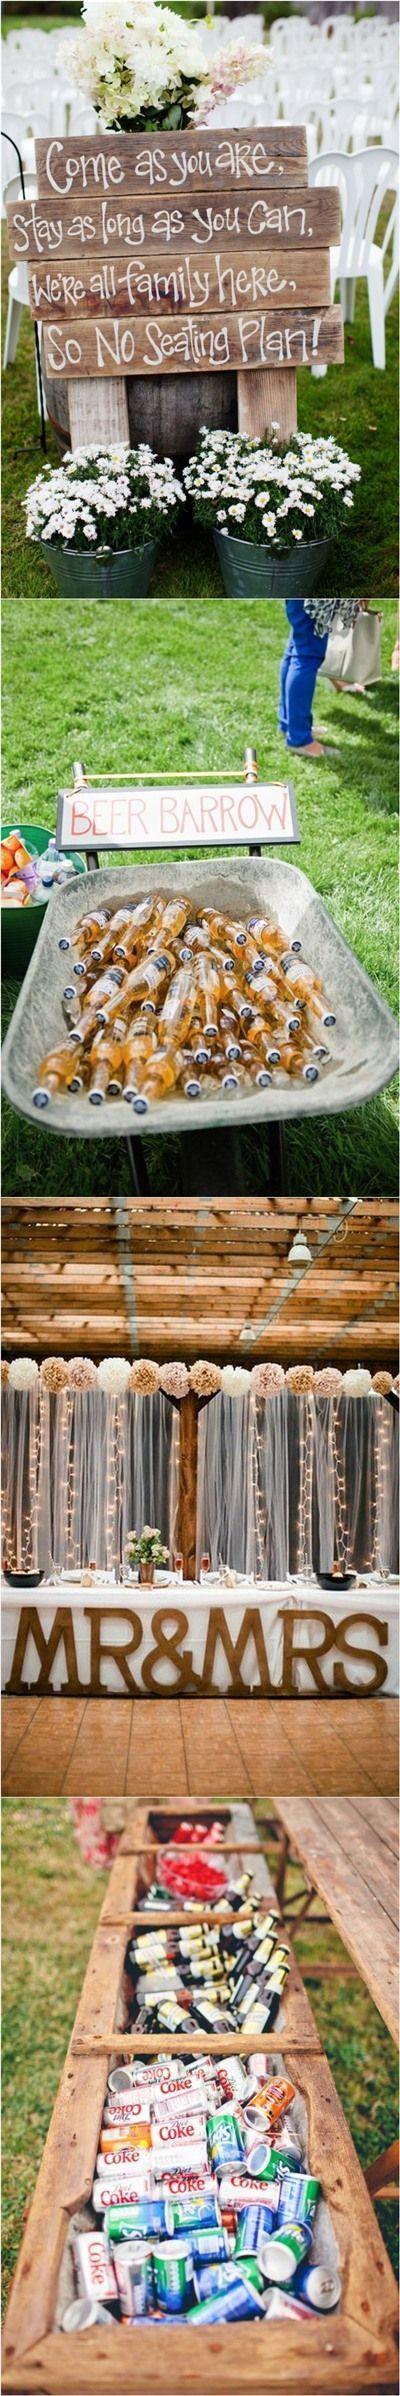 Genius Outdoor Wedding Ideas- Outdoor Wedding Receptions | http://www.weddinginclude.com/2016/11/genius-outdoor-wedding-ideas/ #weddingideas